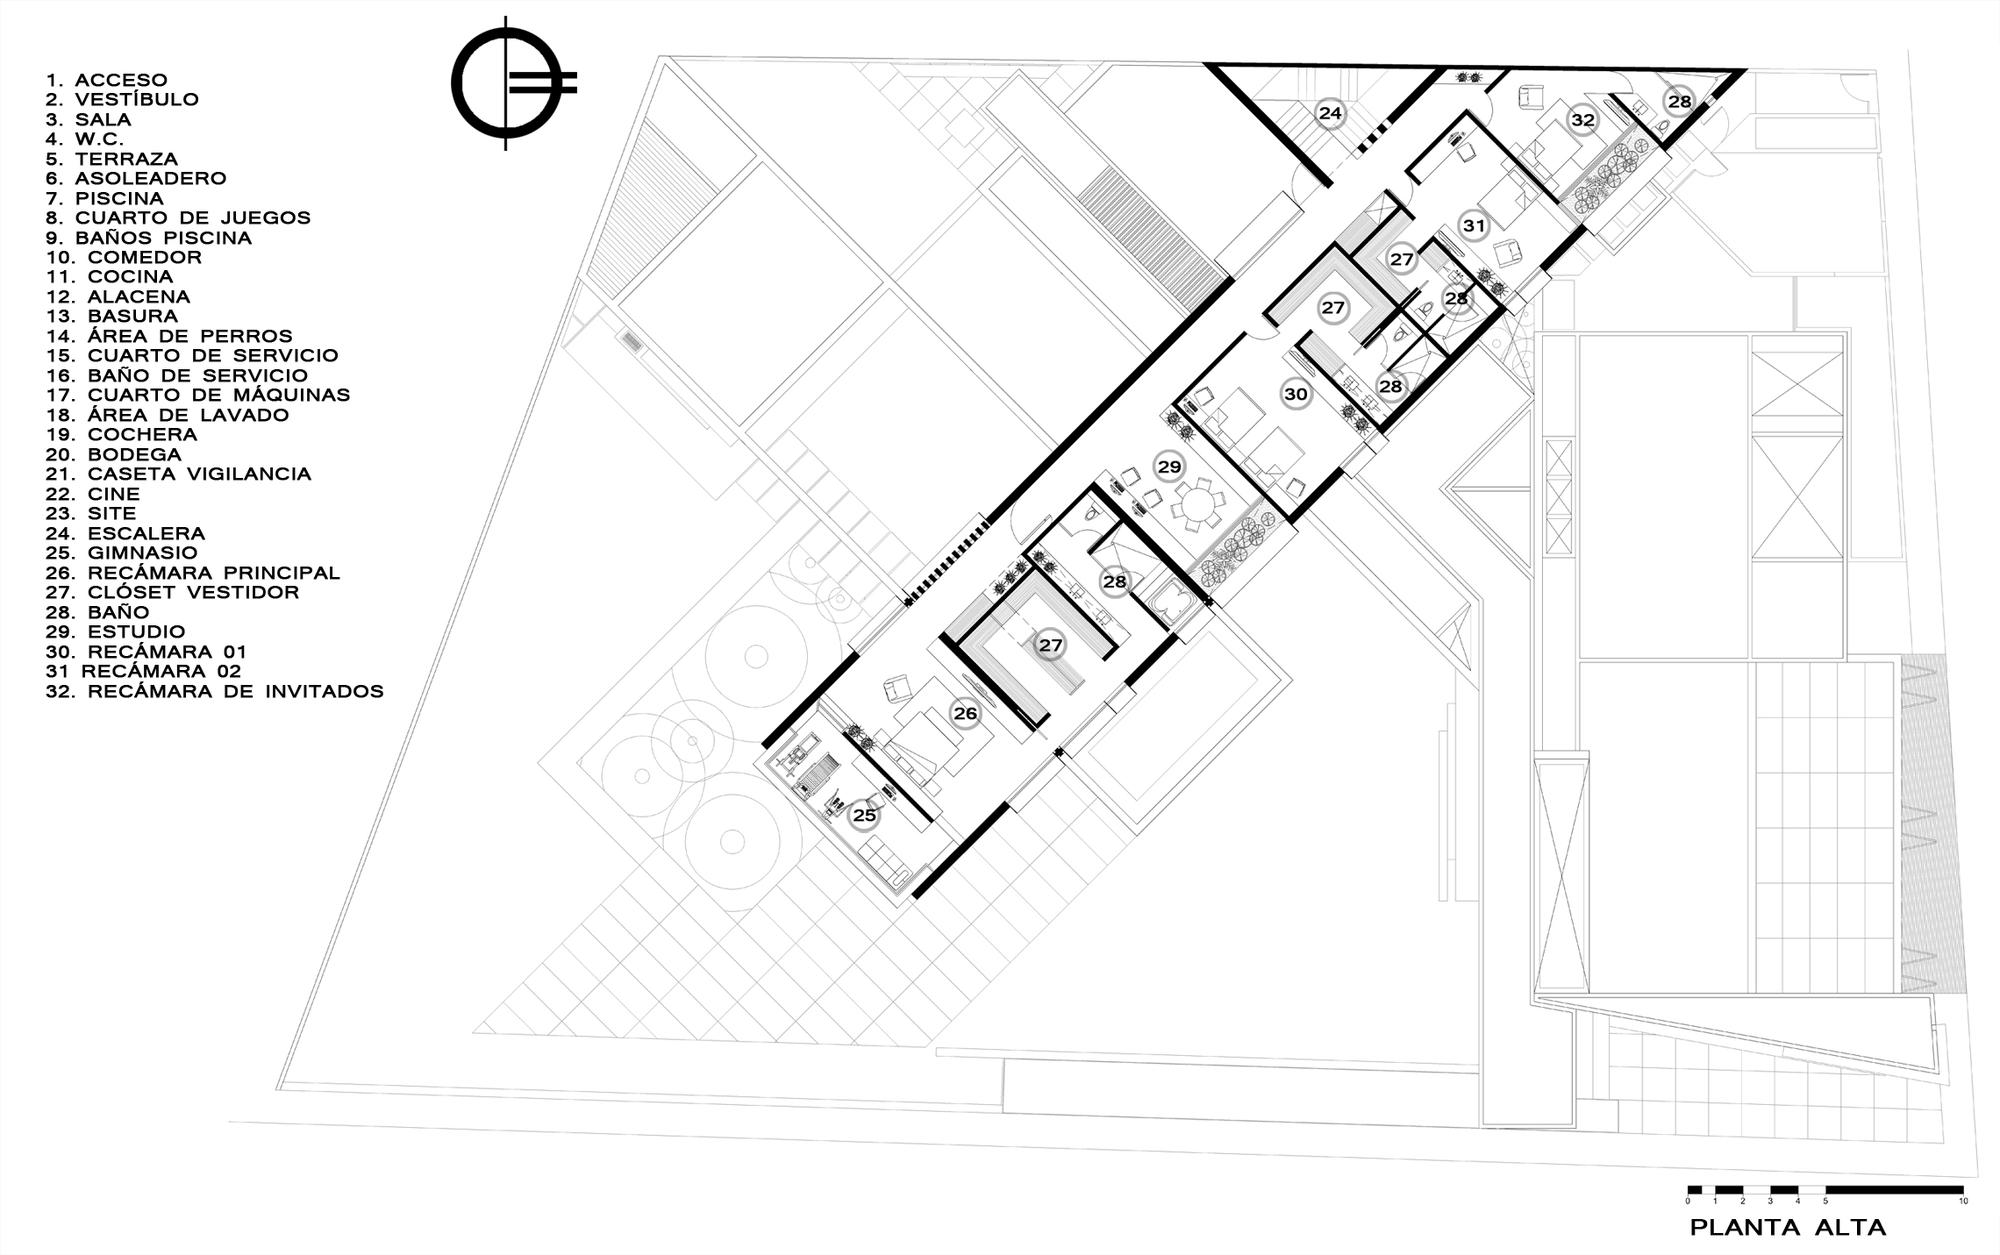 5305f56ee8e44ed91b00000a_temozon-house-carrillo-arquitectos-y-asociados_planta_alta